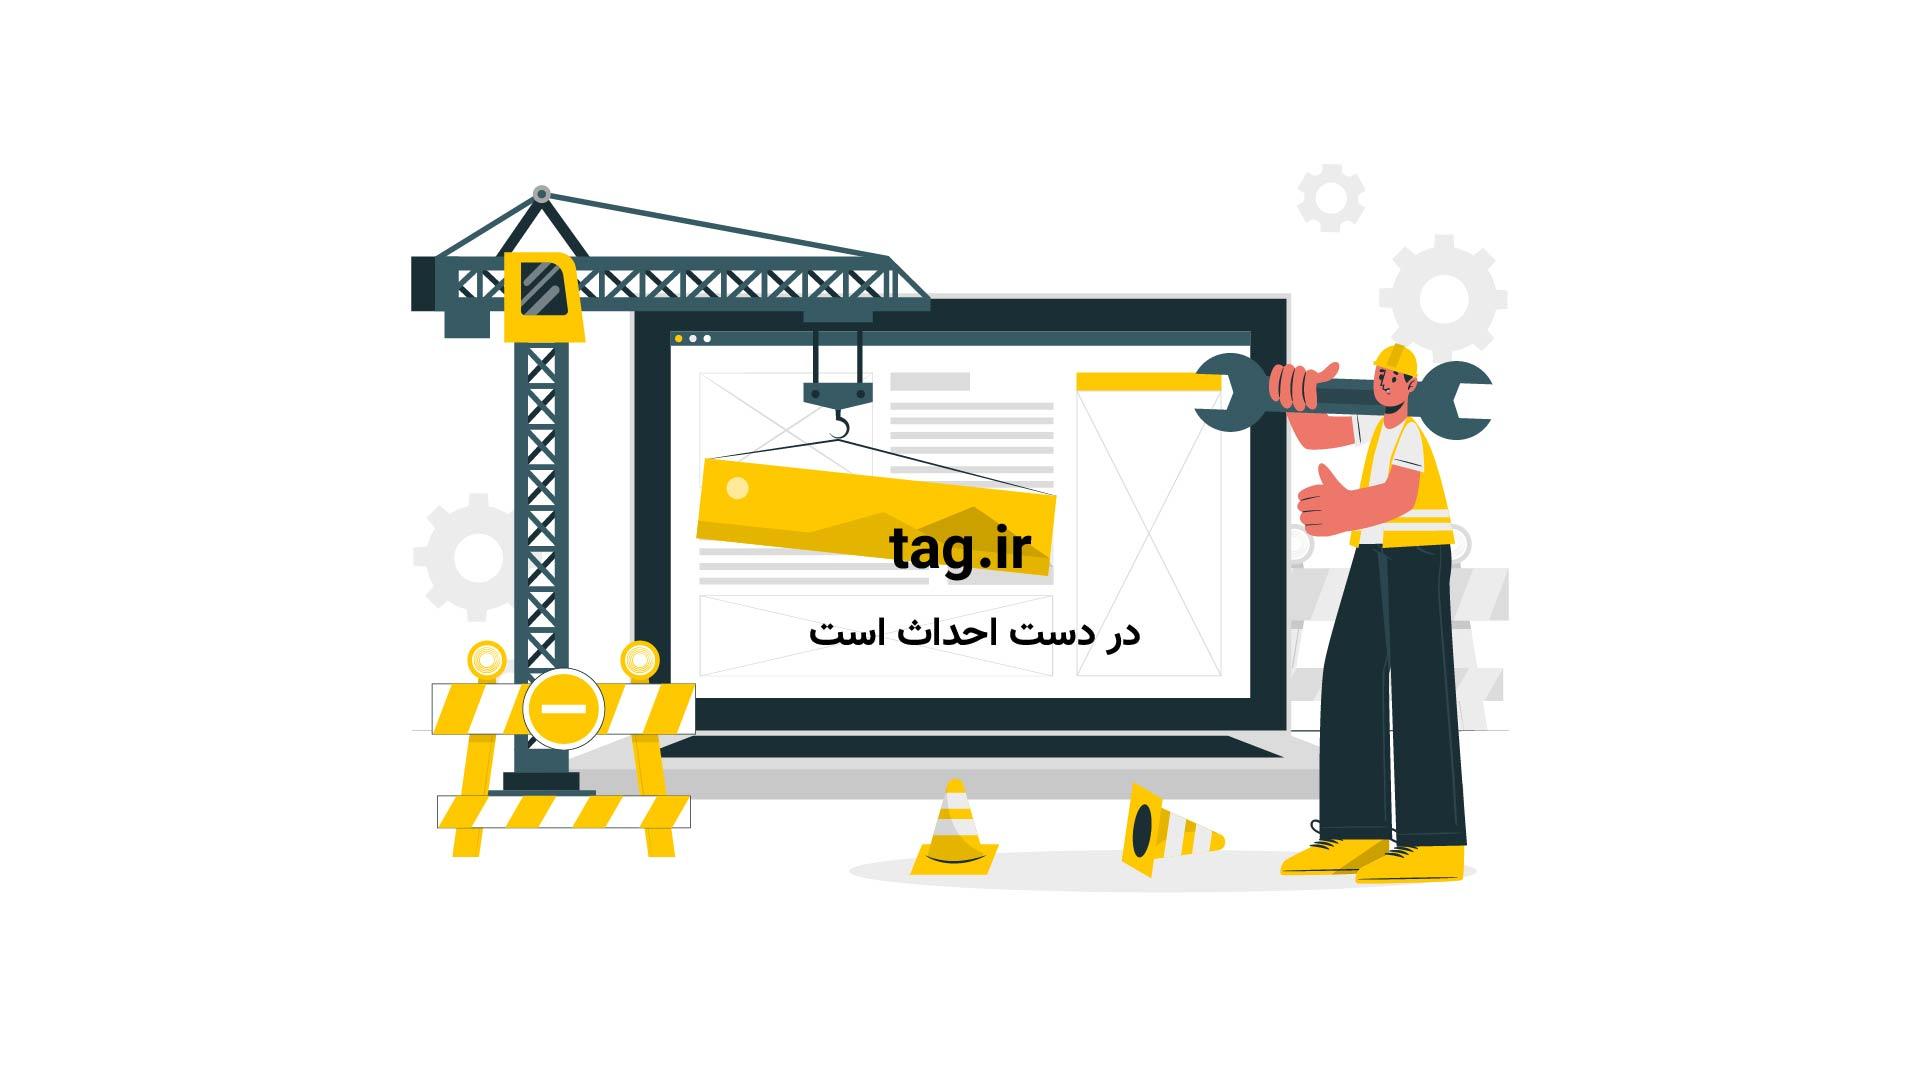 لکسوس؛ سریعترین خودروی الکتریکی جهان   فیلم